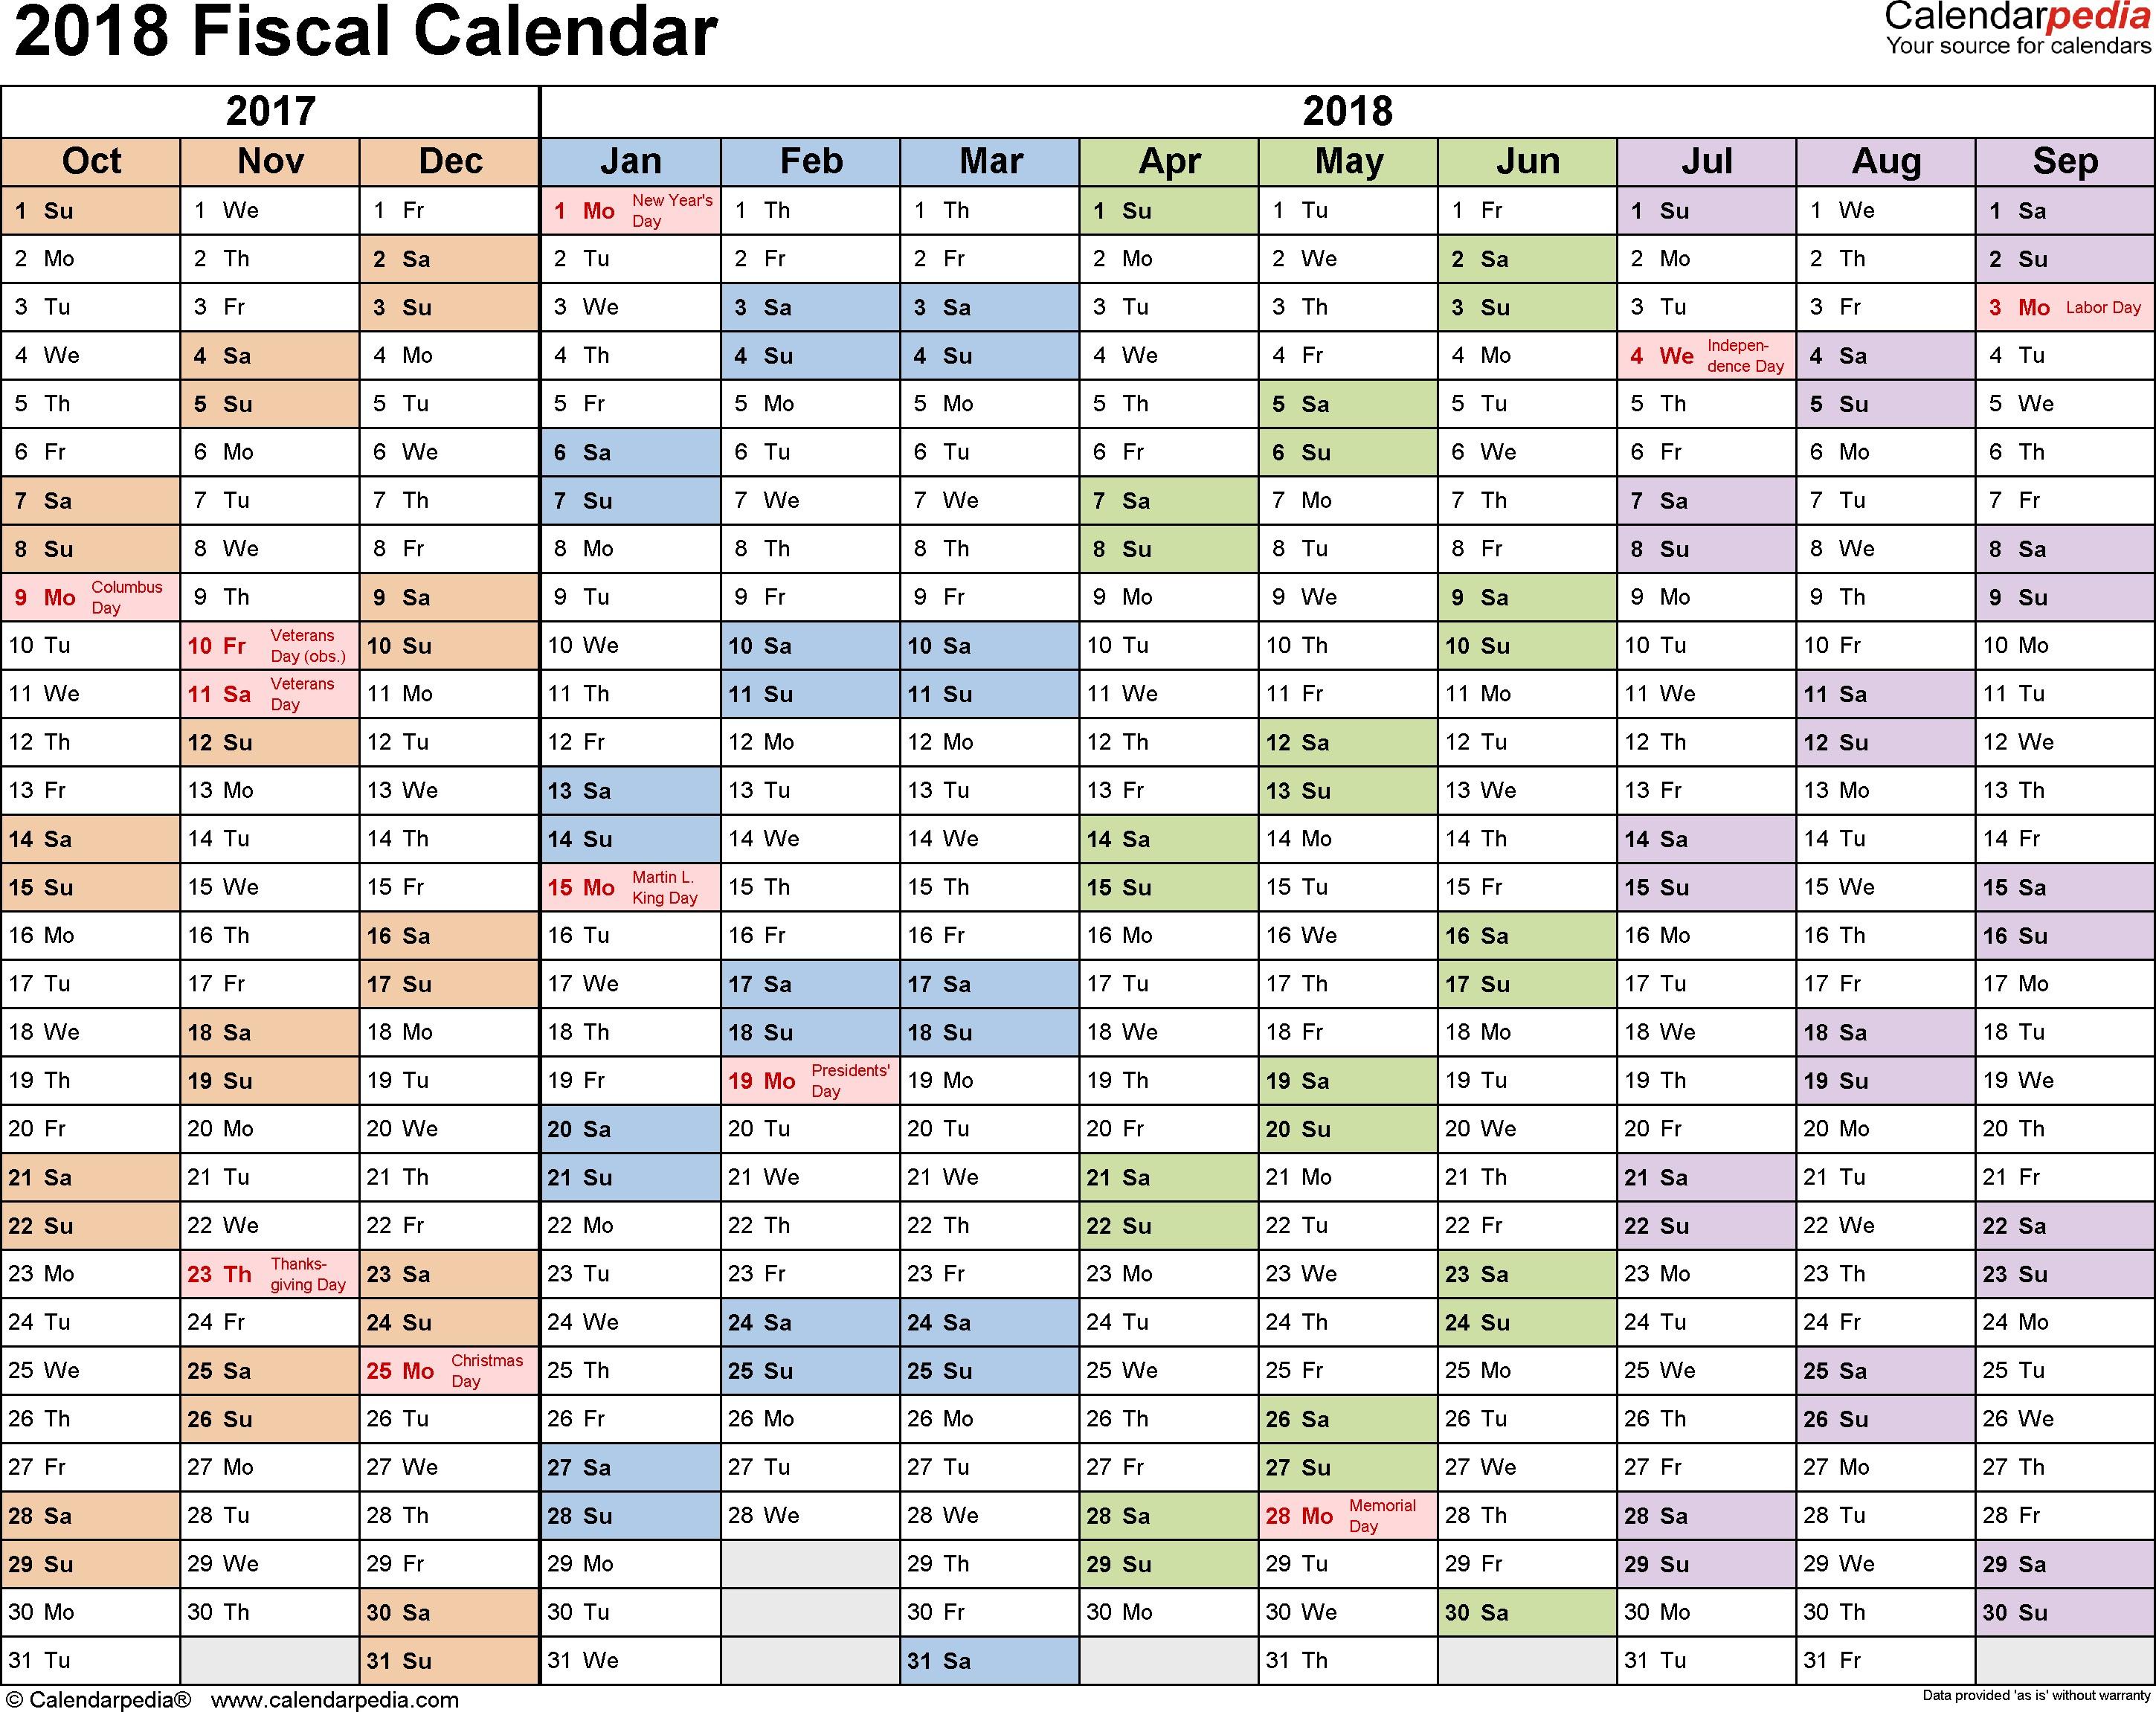 Printable Fiscal Calendar